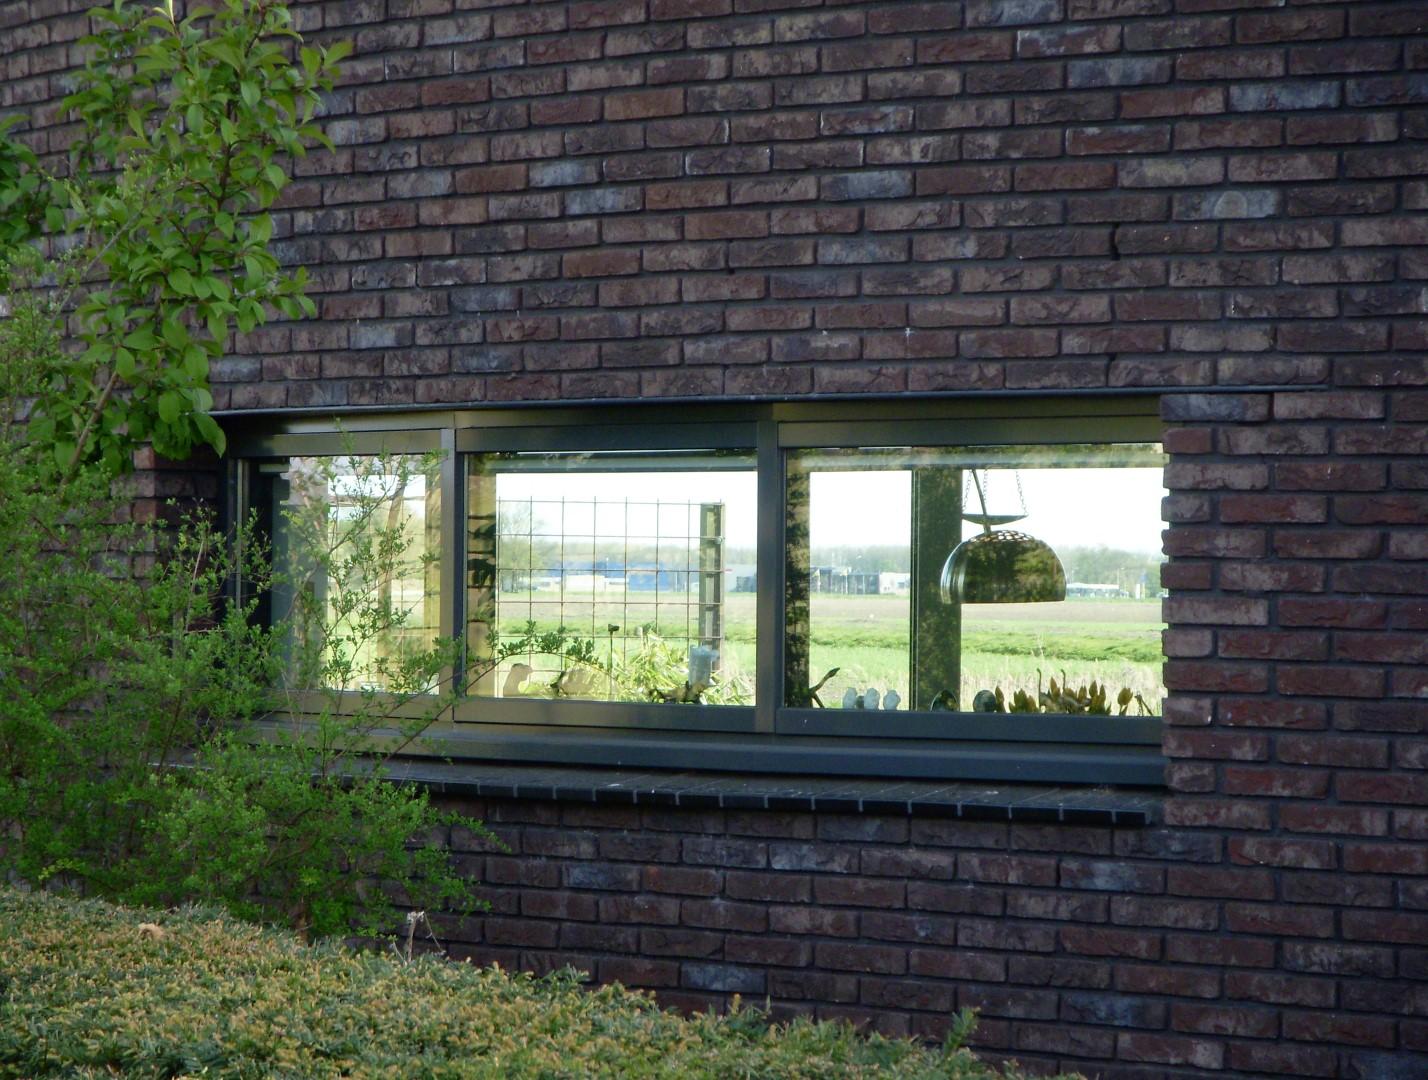 stoel_architect_kampen_verbouwing_woonhuis_Emmeloord (5) (Large)